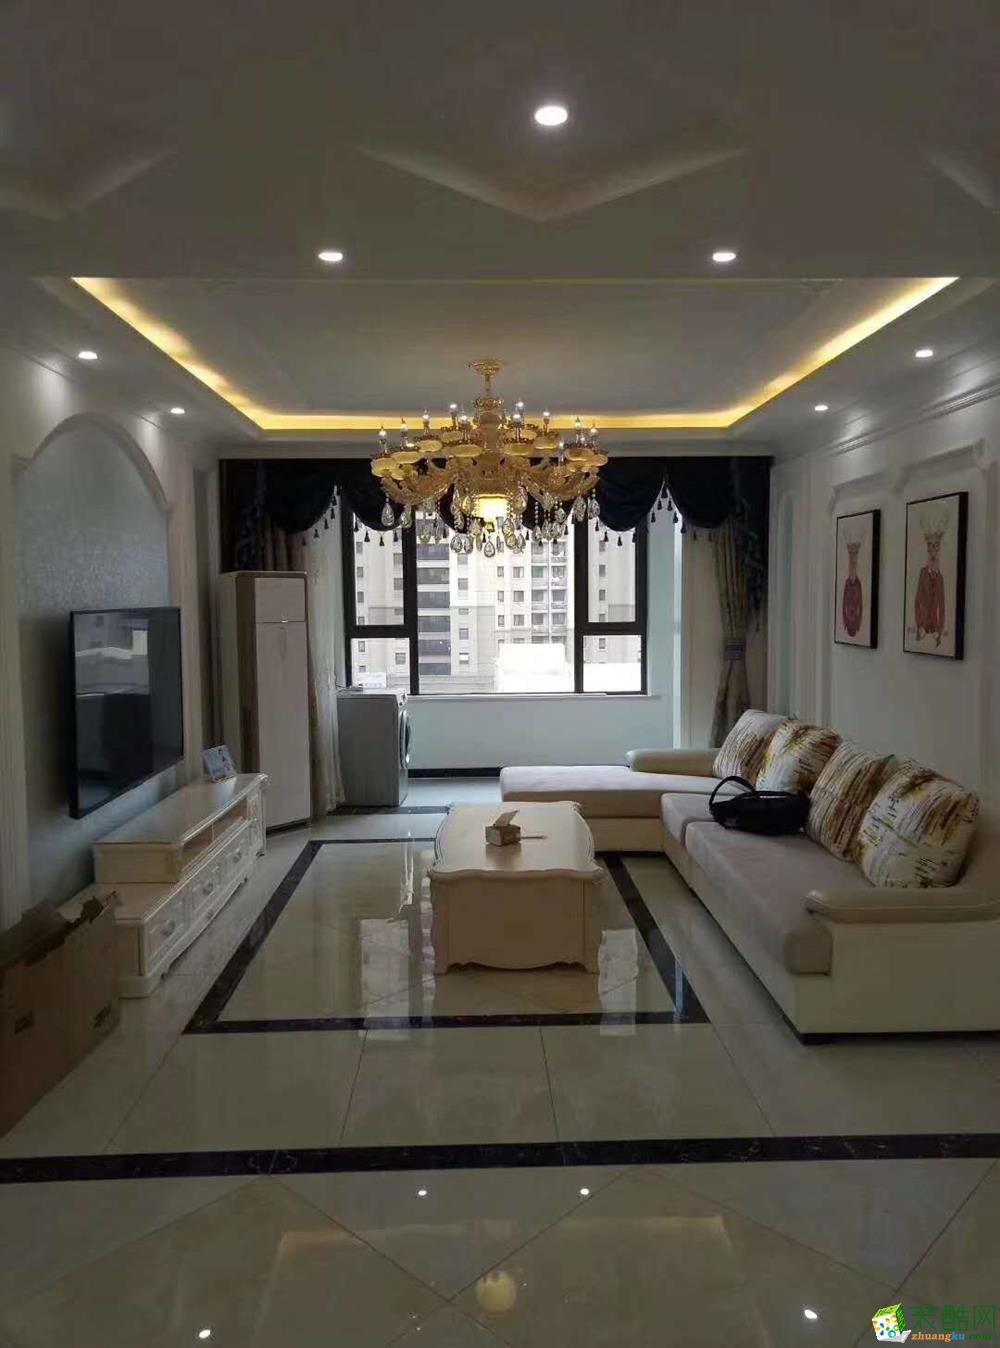 华润二十四城120平米三室两厅一厨两卫实景案例装修想效果图